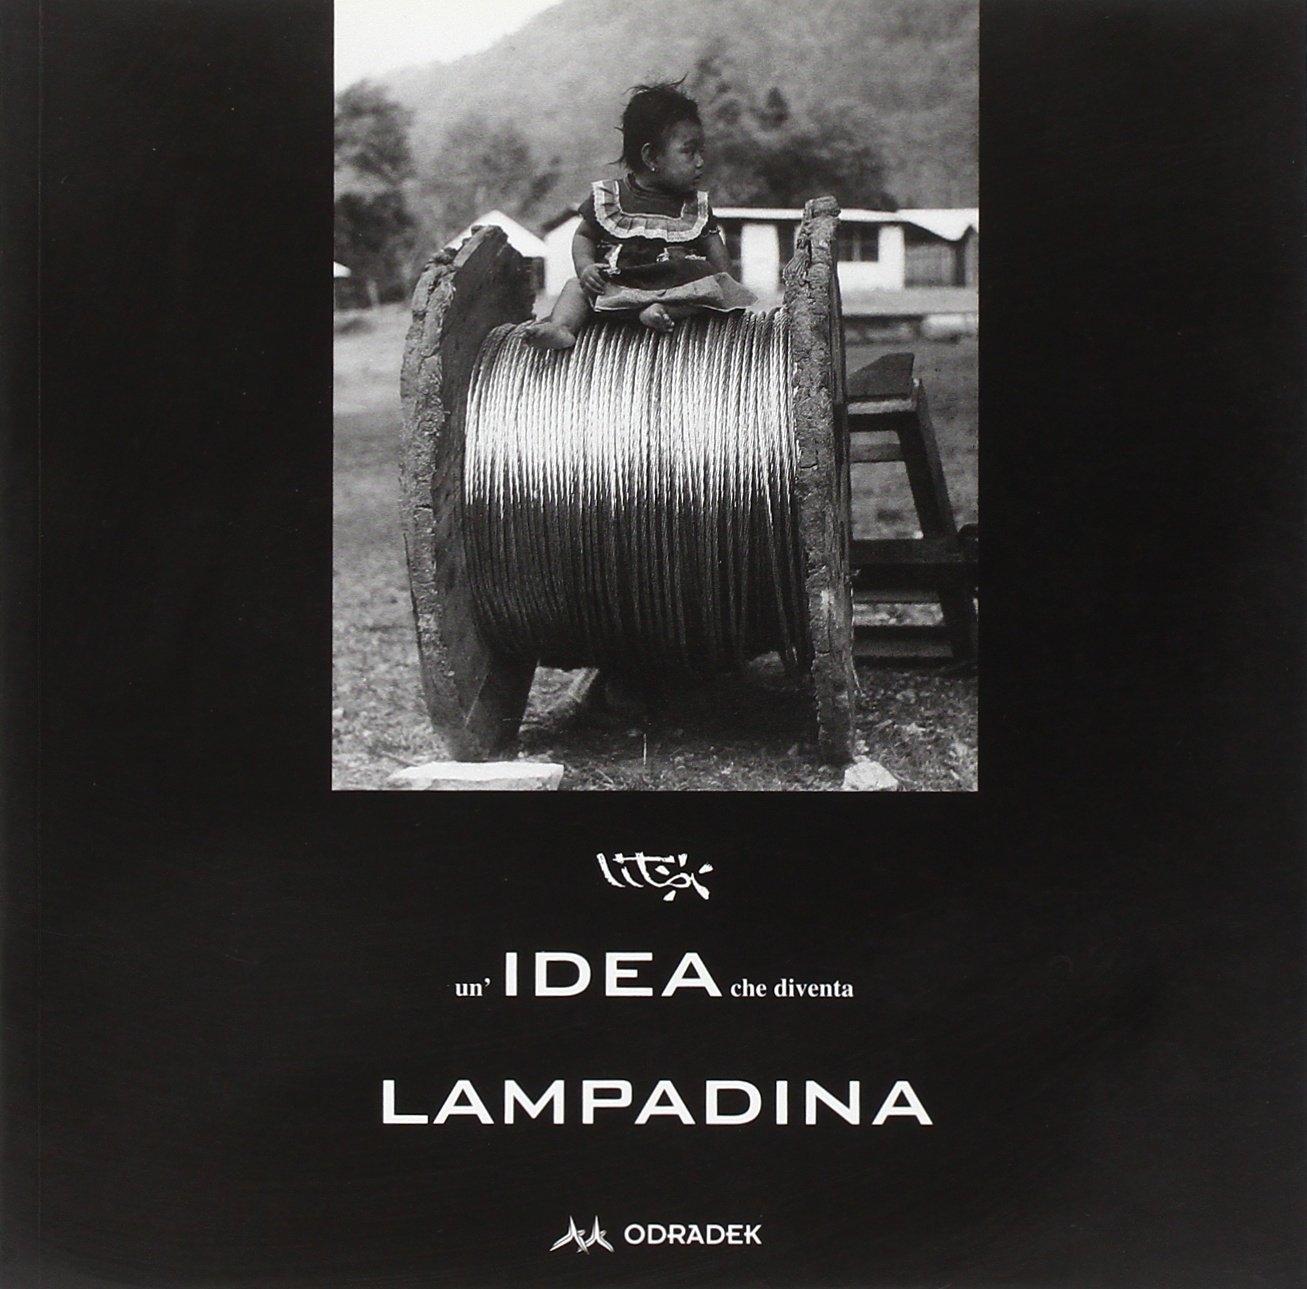 Un' idea che diventa lampadina